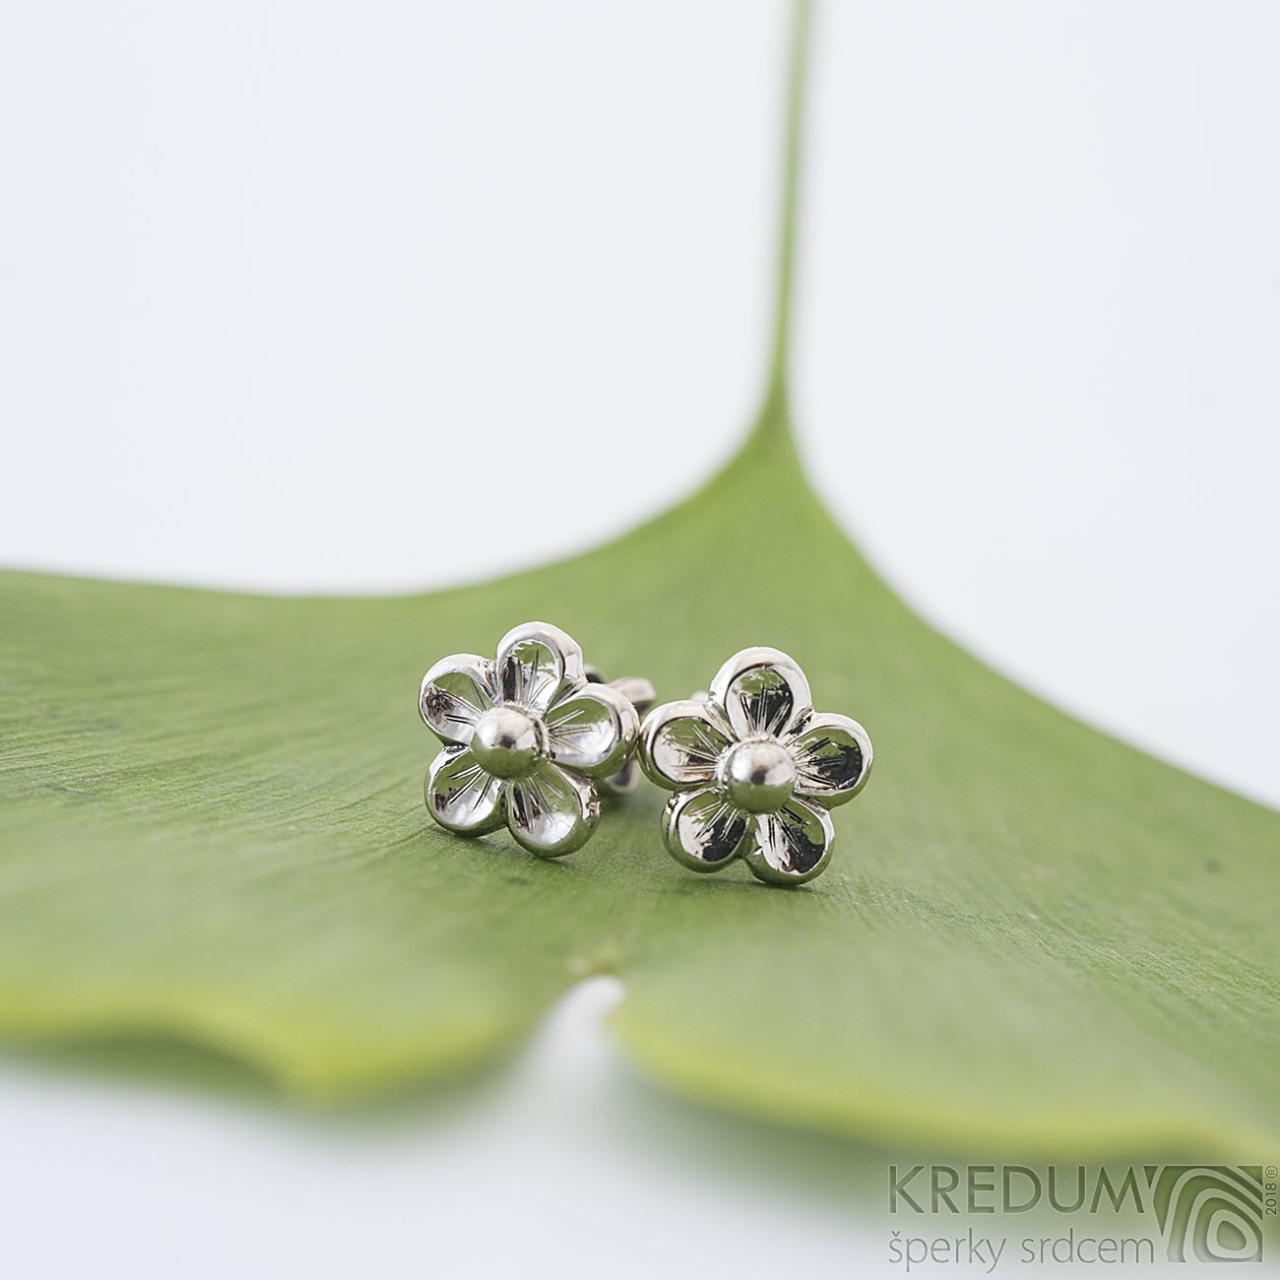 755946c73 Flower 7,5 mm - Náušnice z bílého zlata - Výroba hand made snubní ...